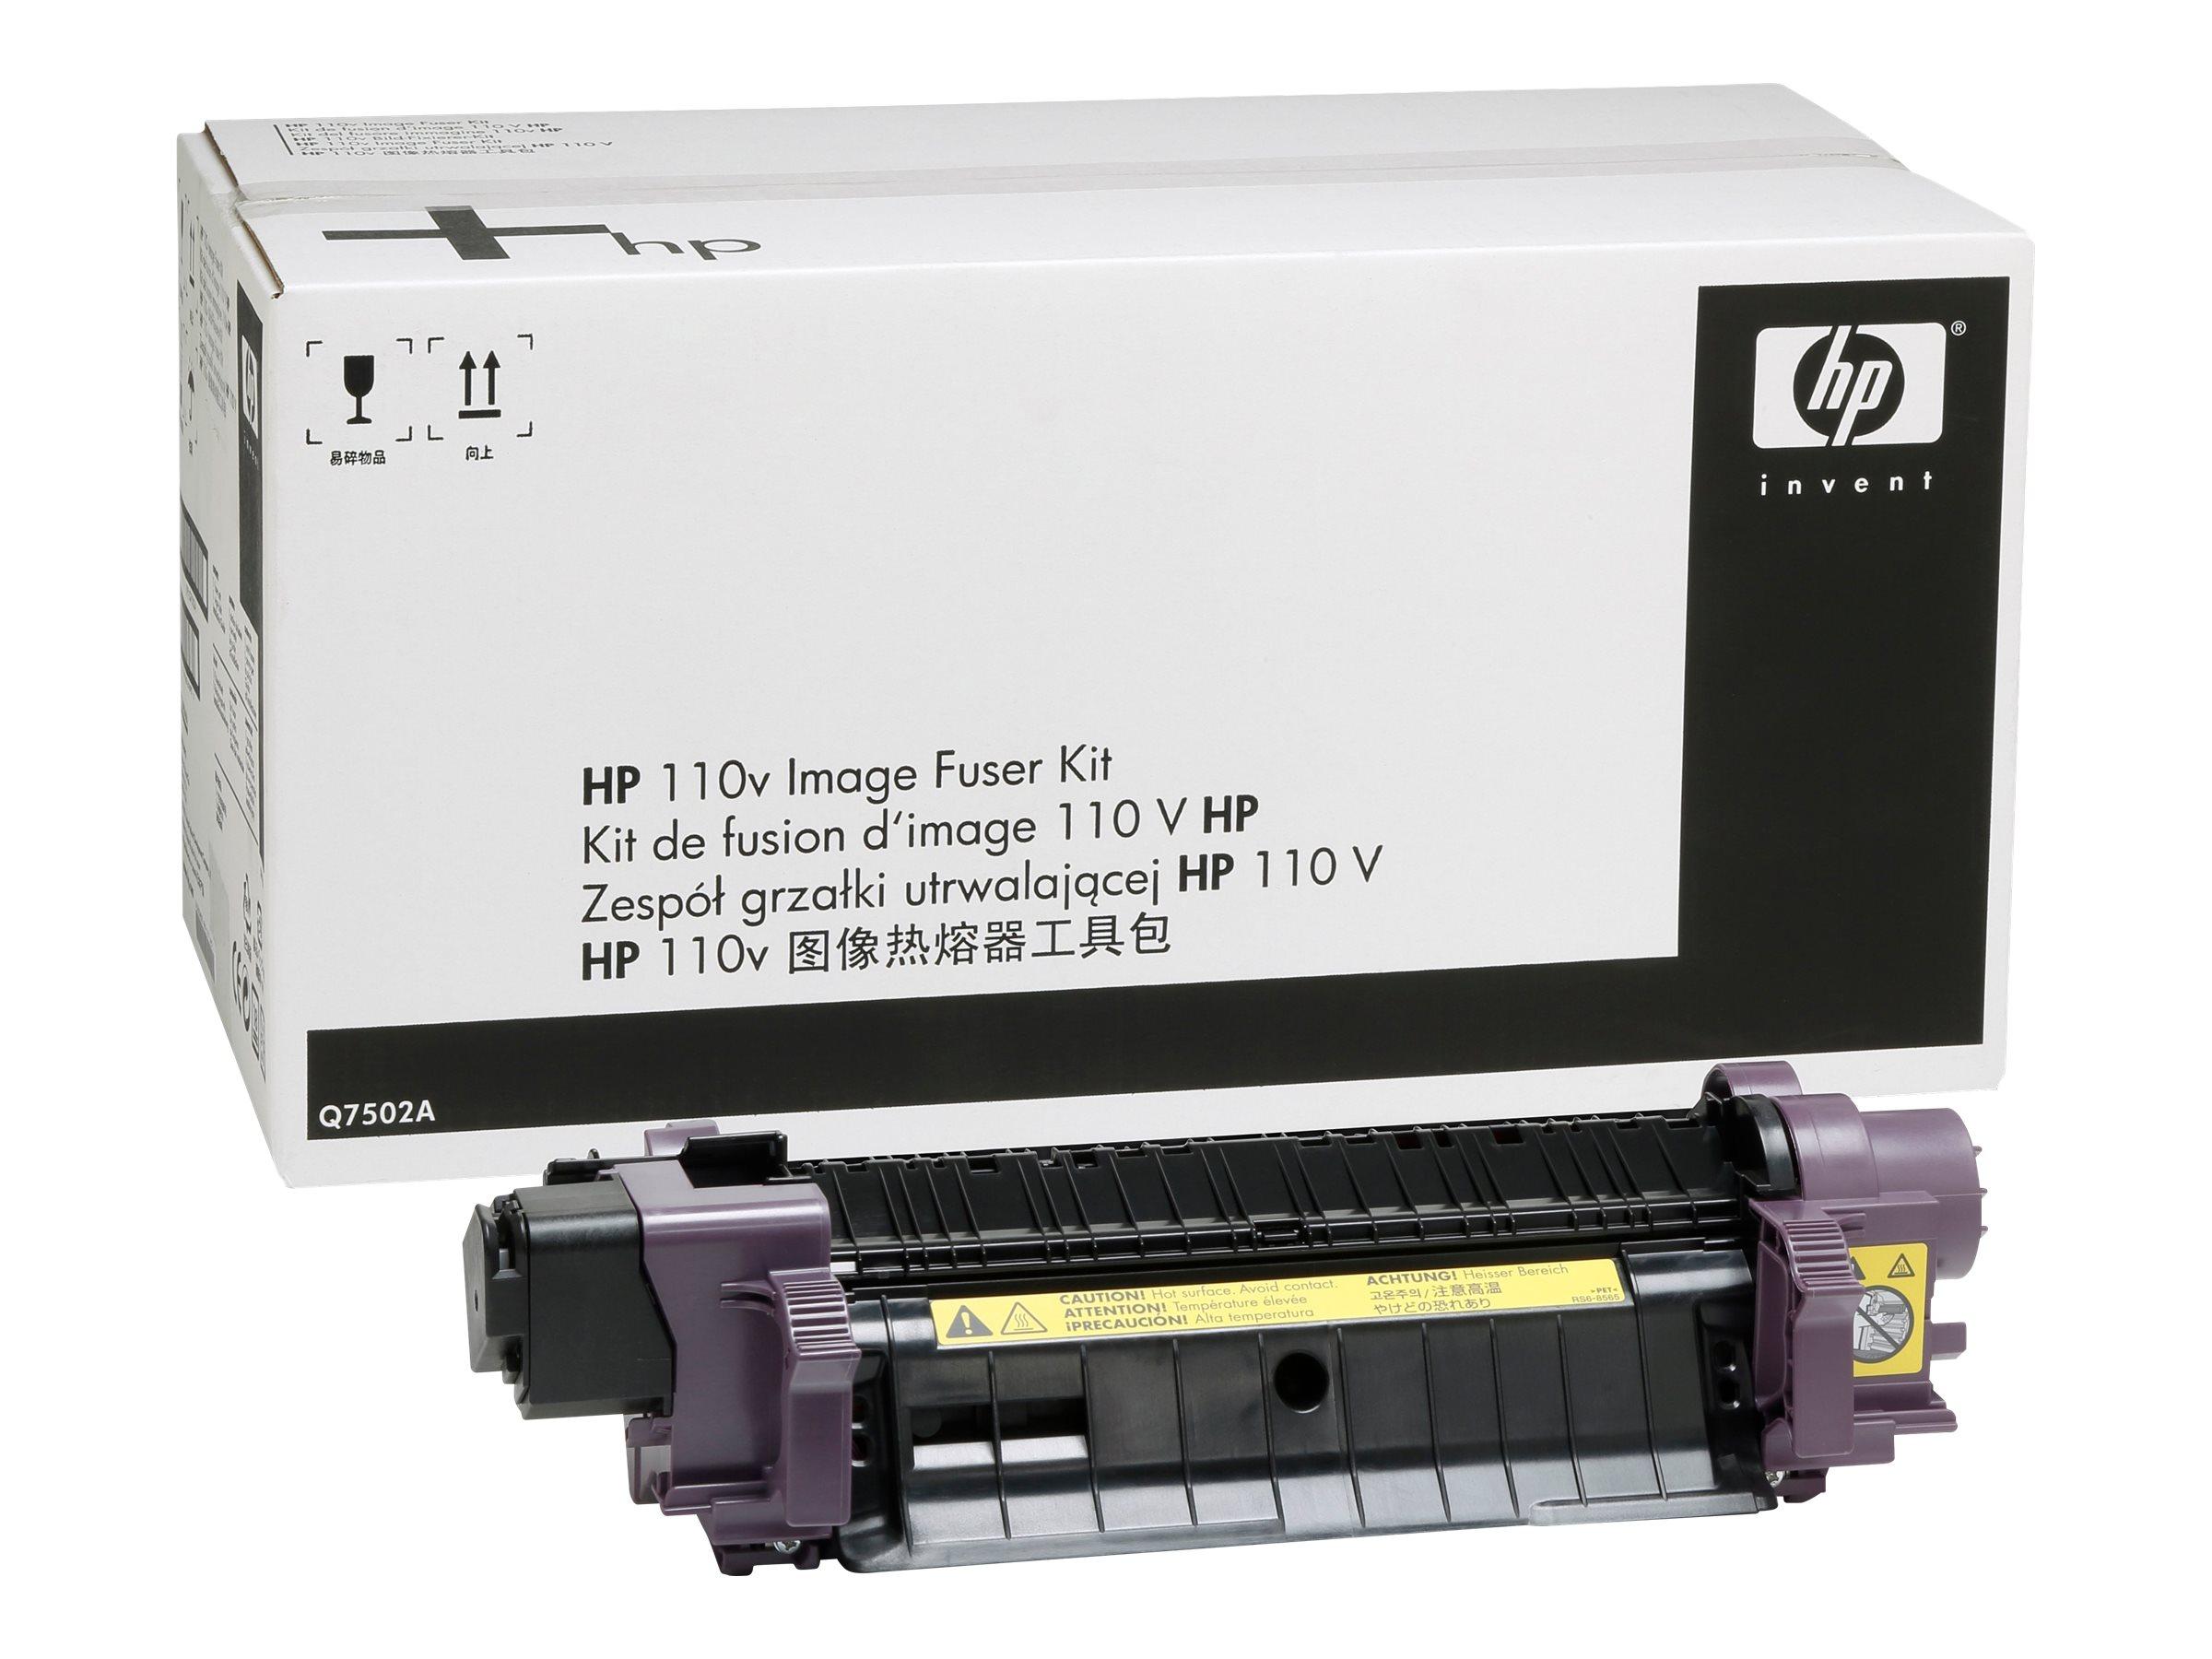 220V Image Fuser Kit for Color LaserJet 4700 BRAND NEW GENUINE HP Q7503A OEM